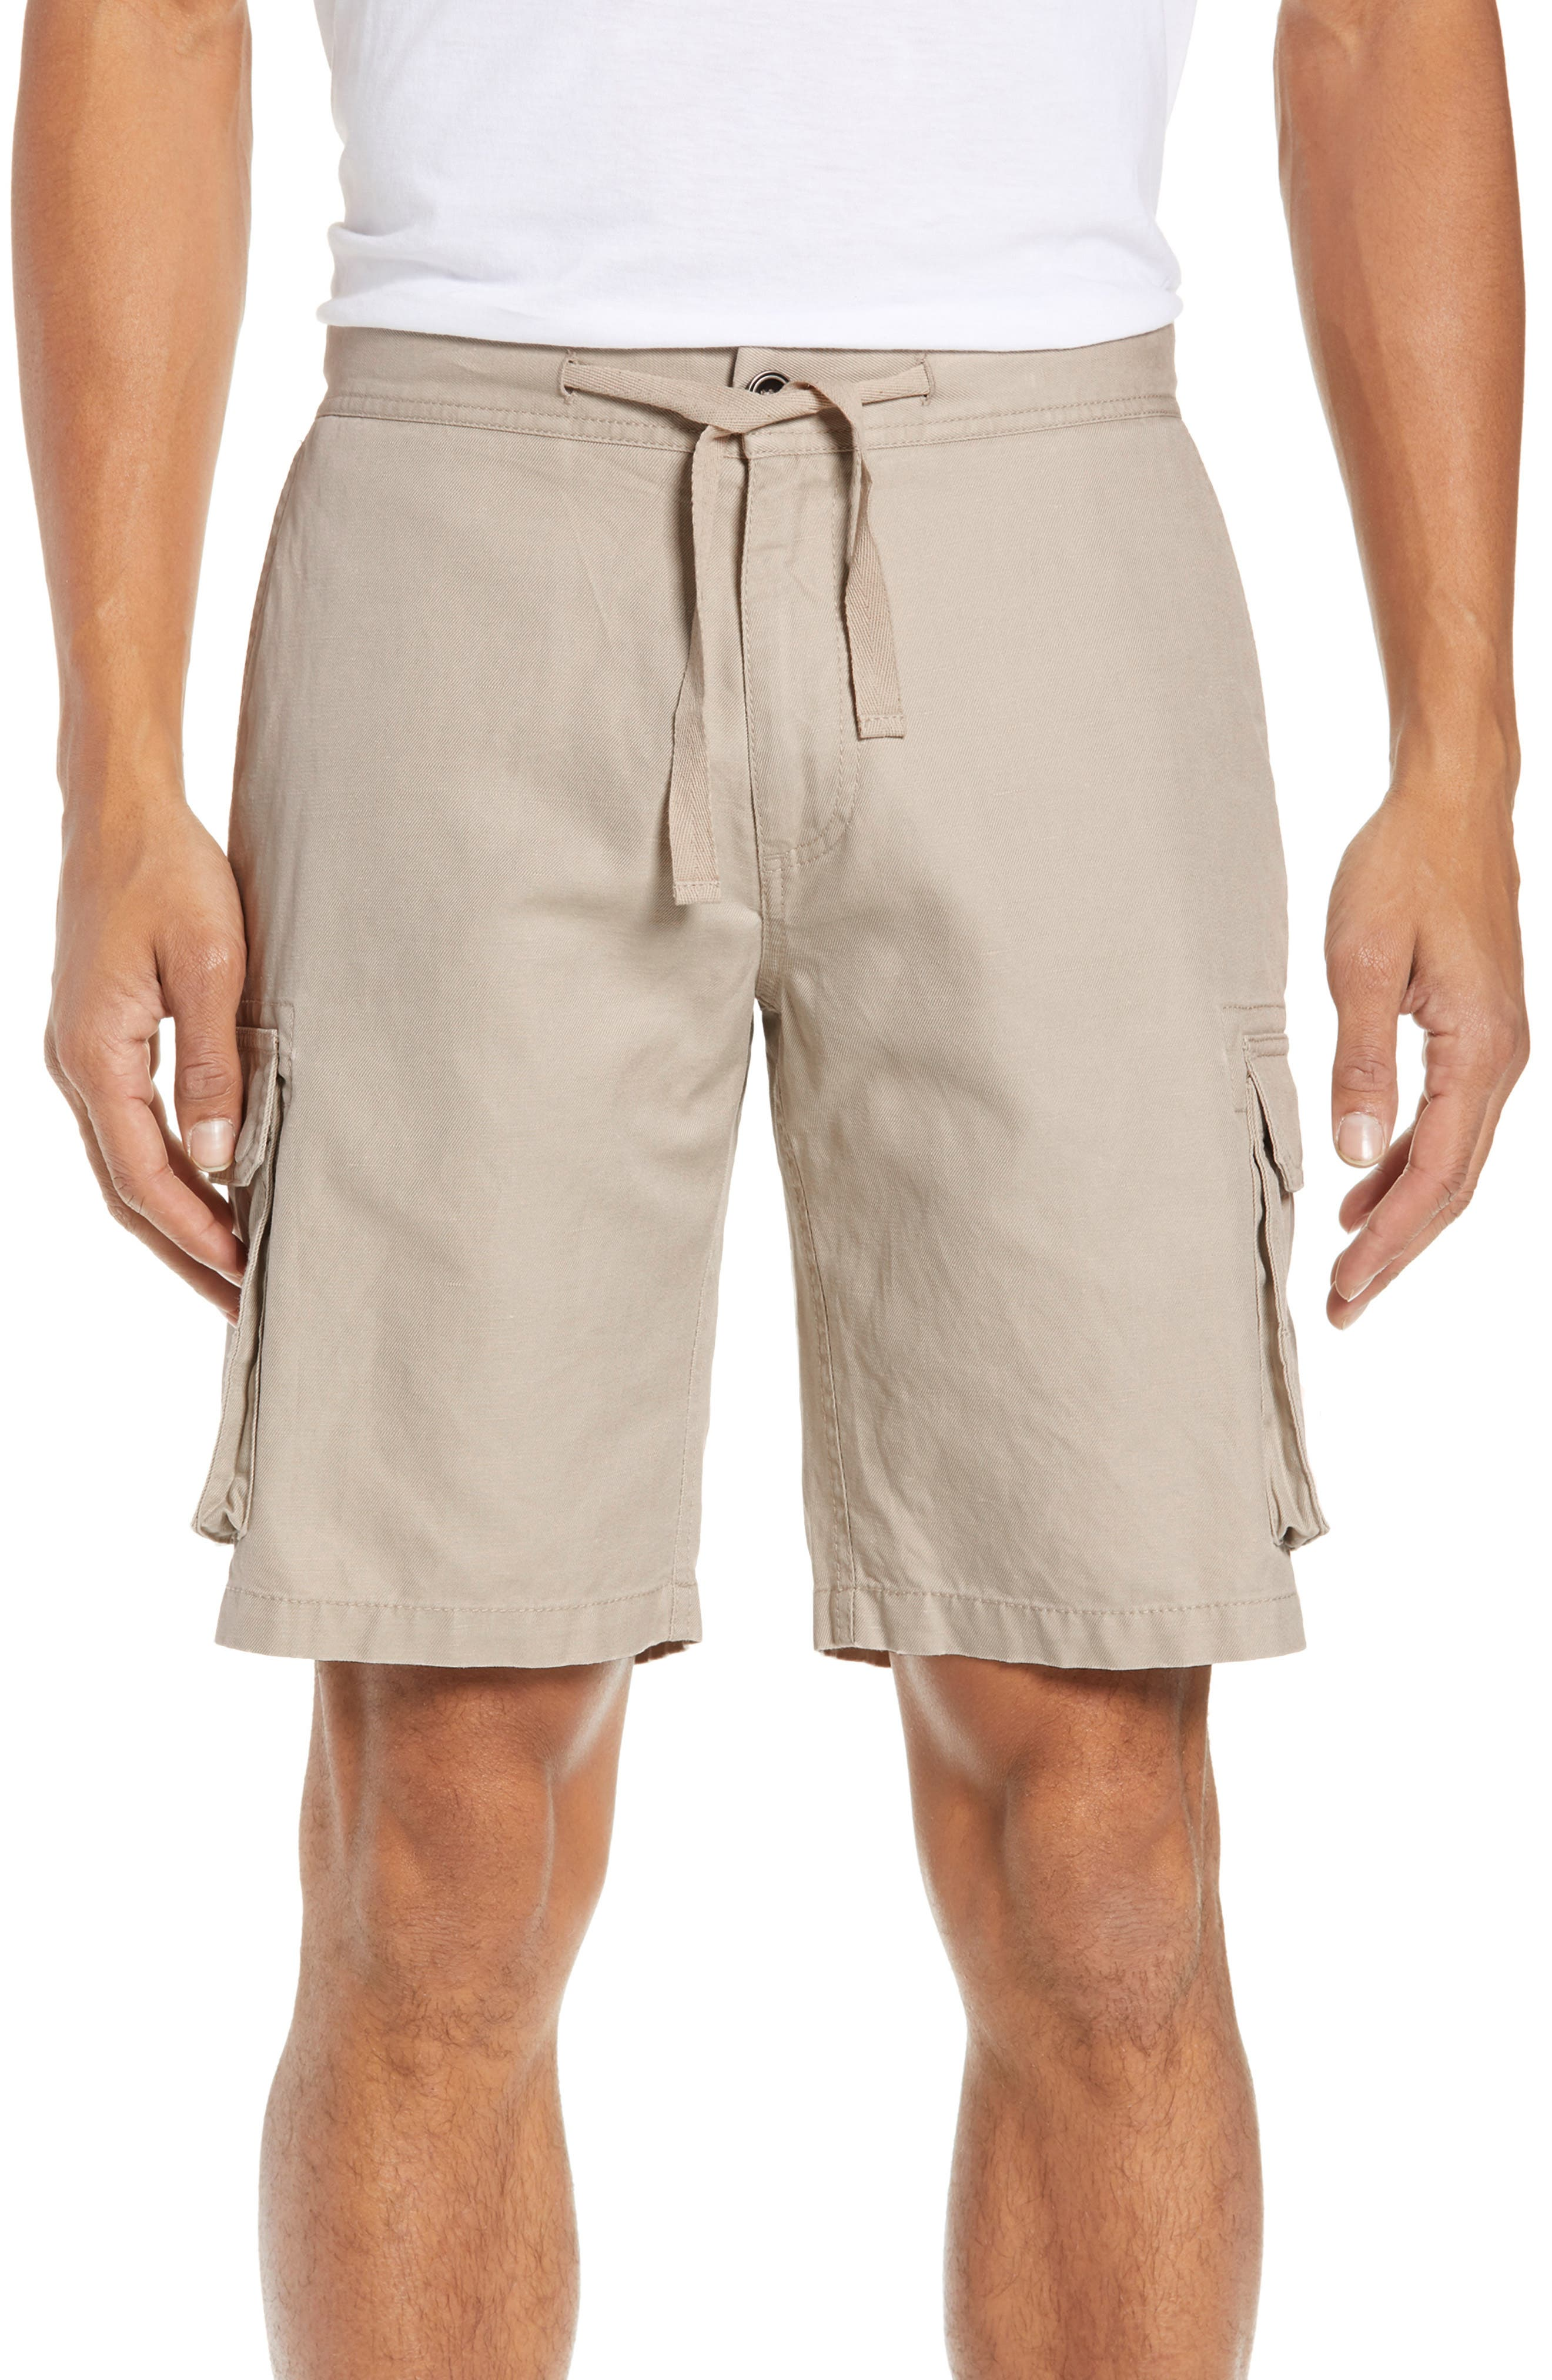 Sandyford Cargo Shorts,                             Main thumbnail 1, color,                             NATURAL